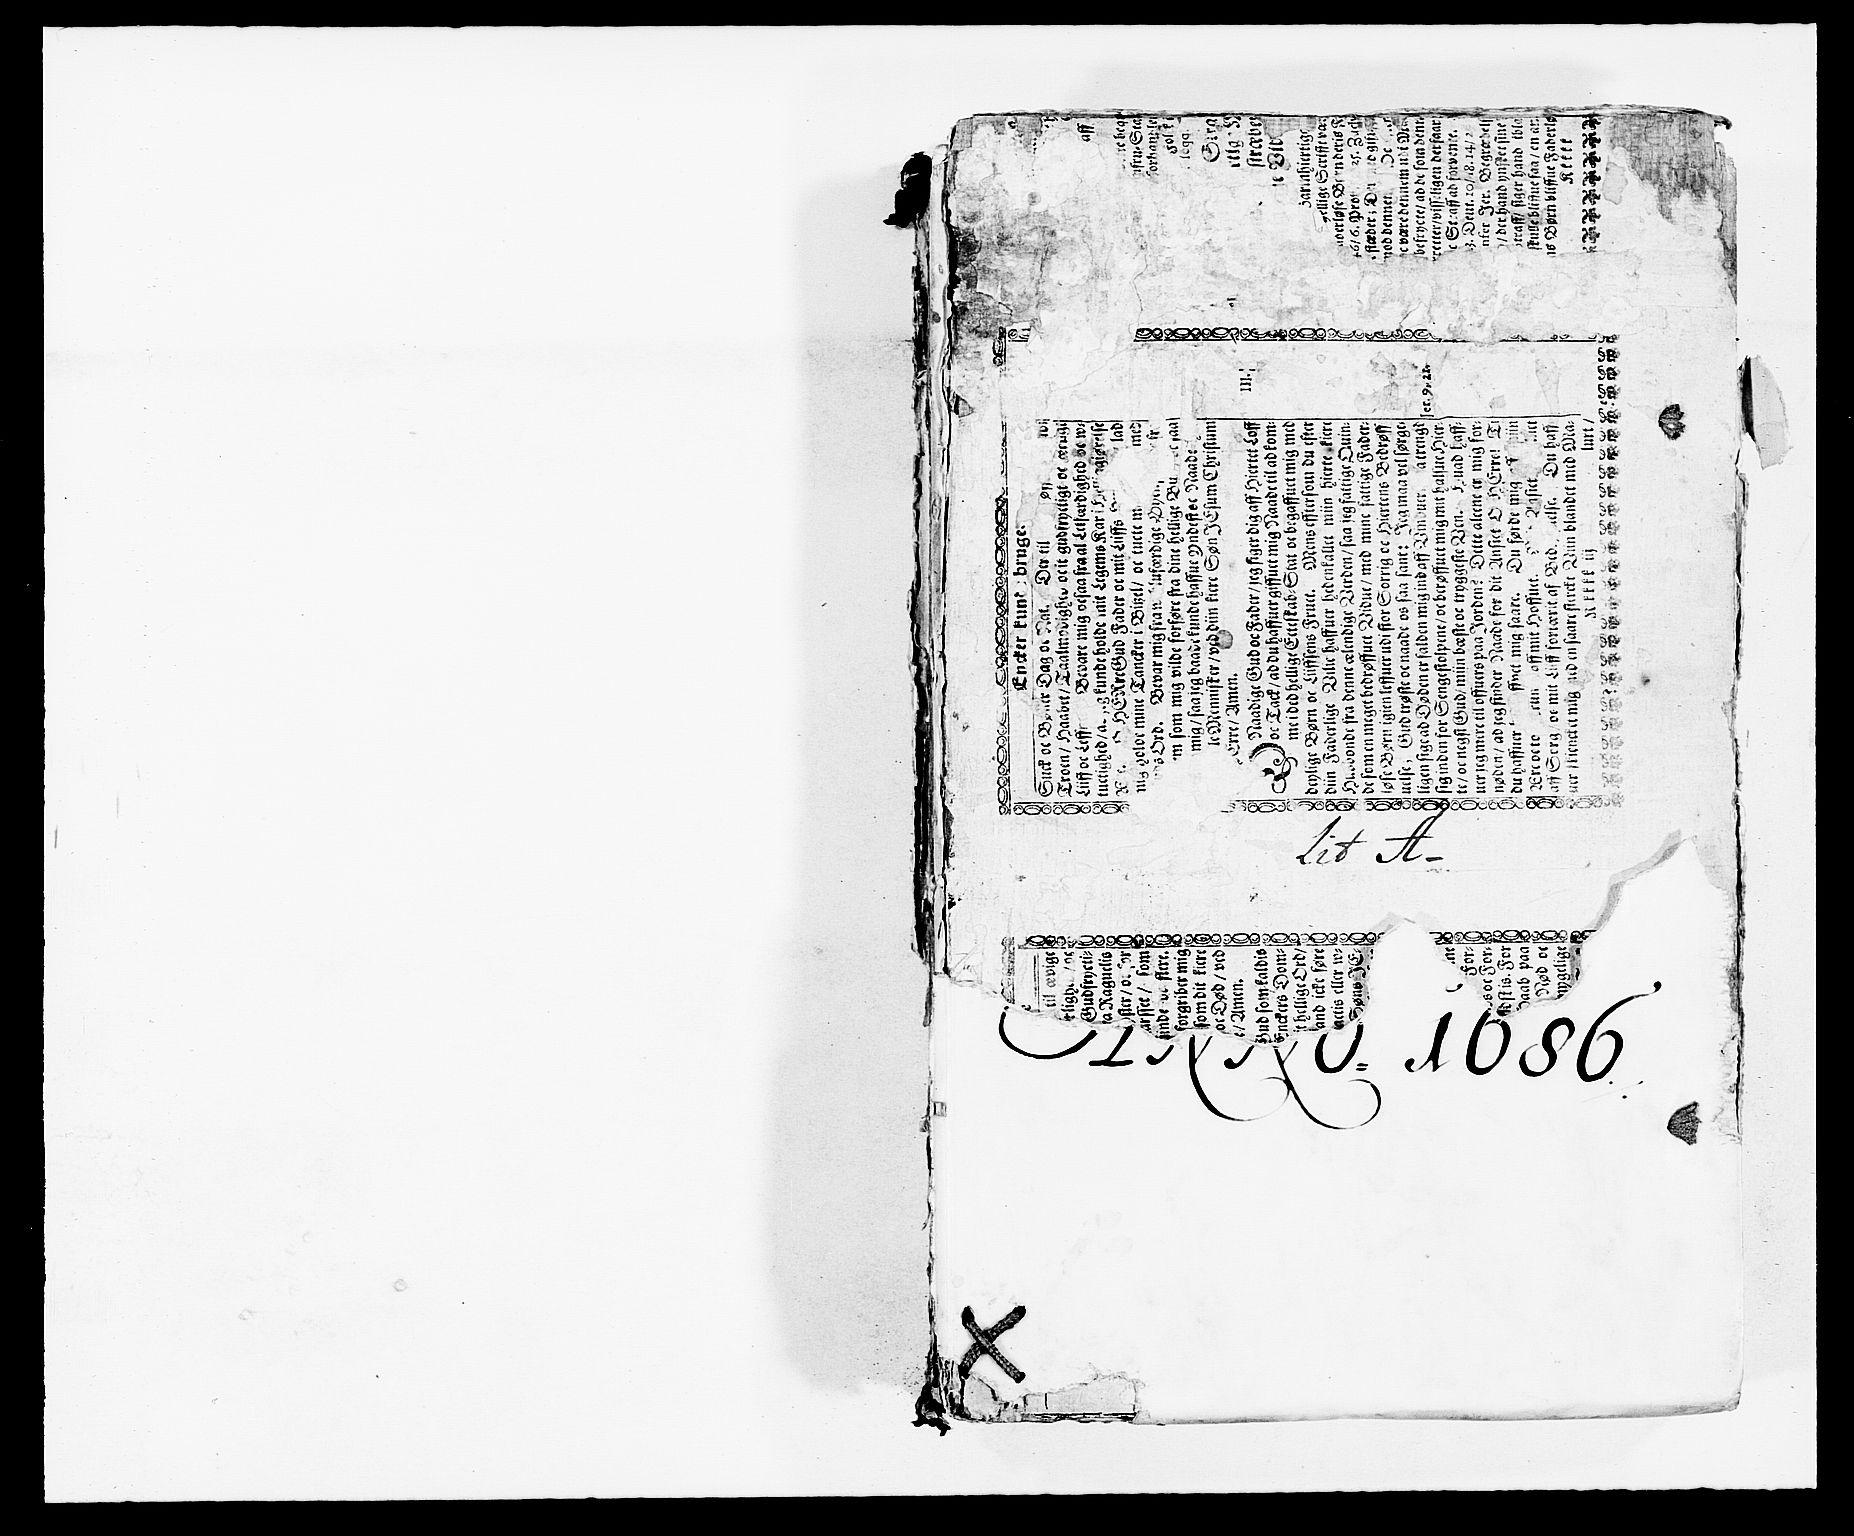 RA, Rentekammeret inntil 1814, Reviderte regnskaper, Fogderegnskap, R16/L1027: Fogderegnskap Hedmark, 1686, s. 21